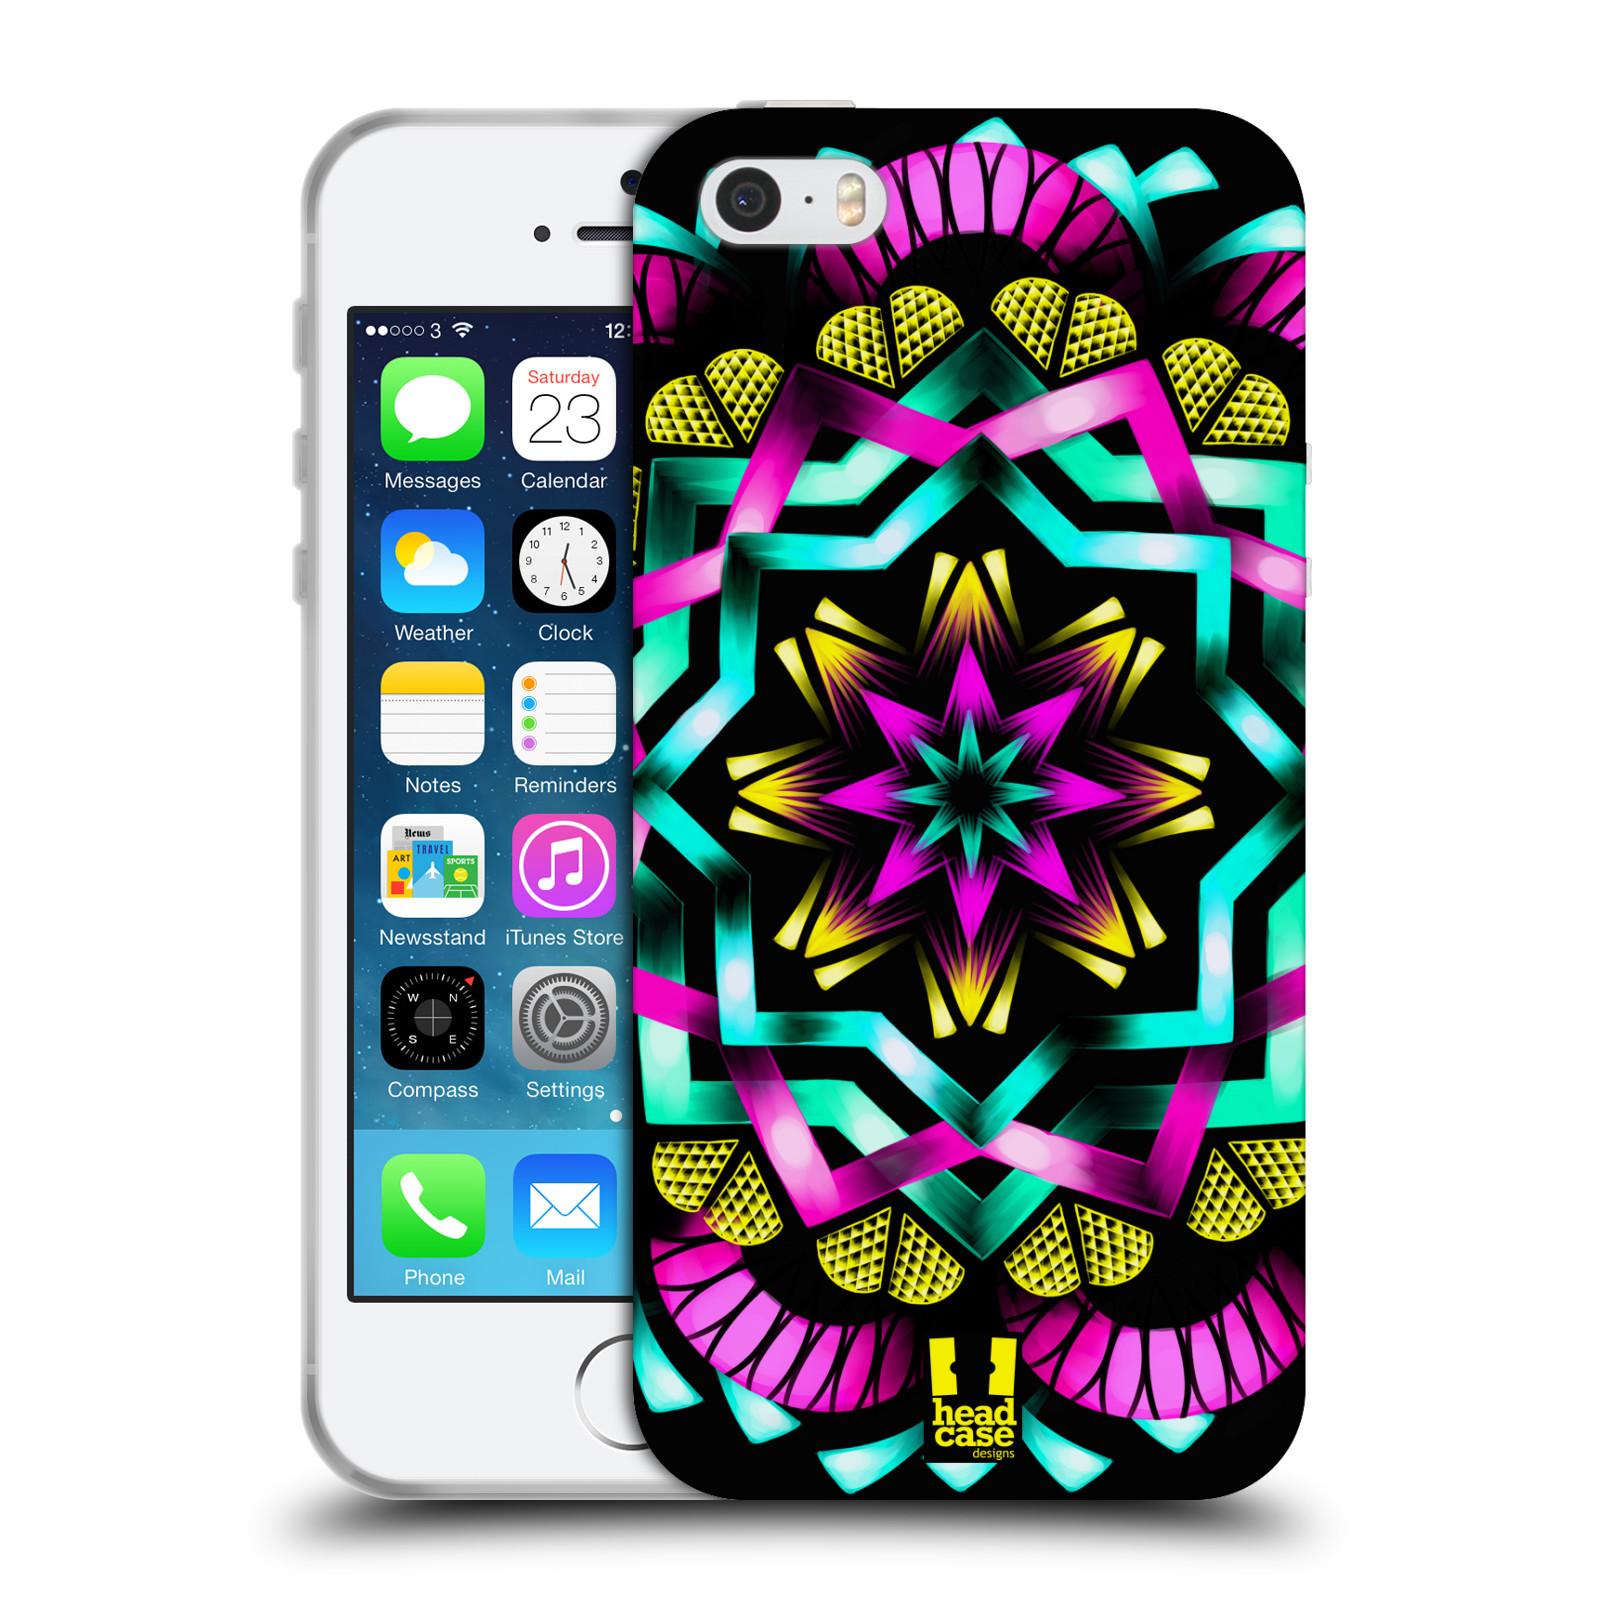 HEAD CASE silikonový obal na mobil Apple Iphone 5/5S vzor Indie Mandala kaleidoskop barevný vzor SLUNCE